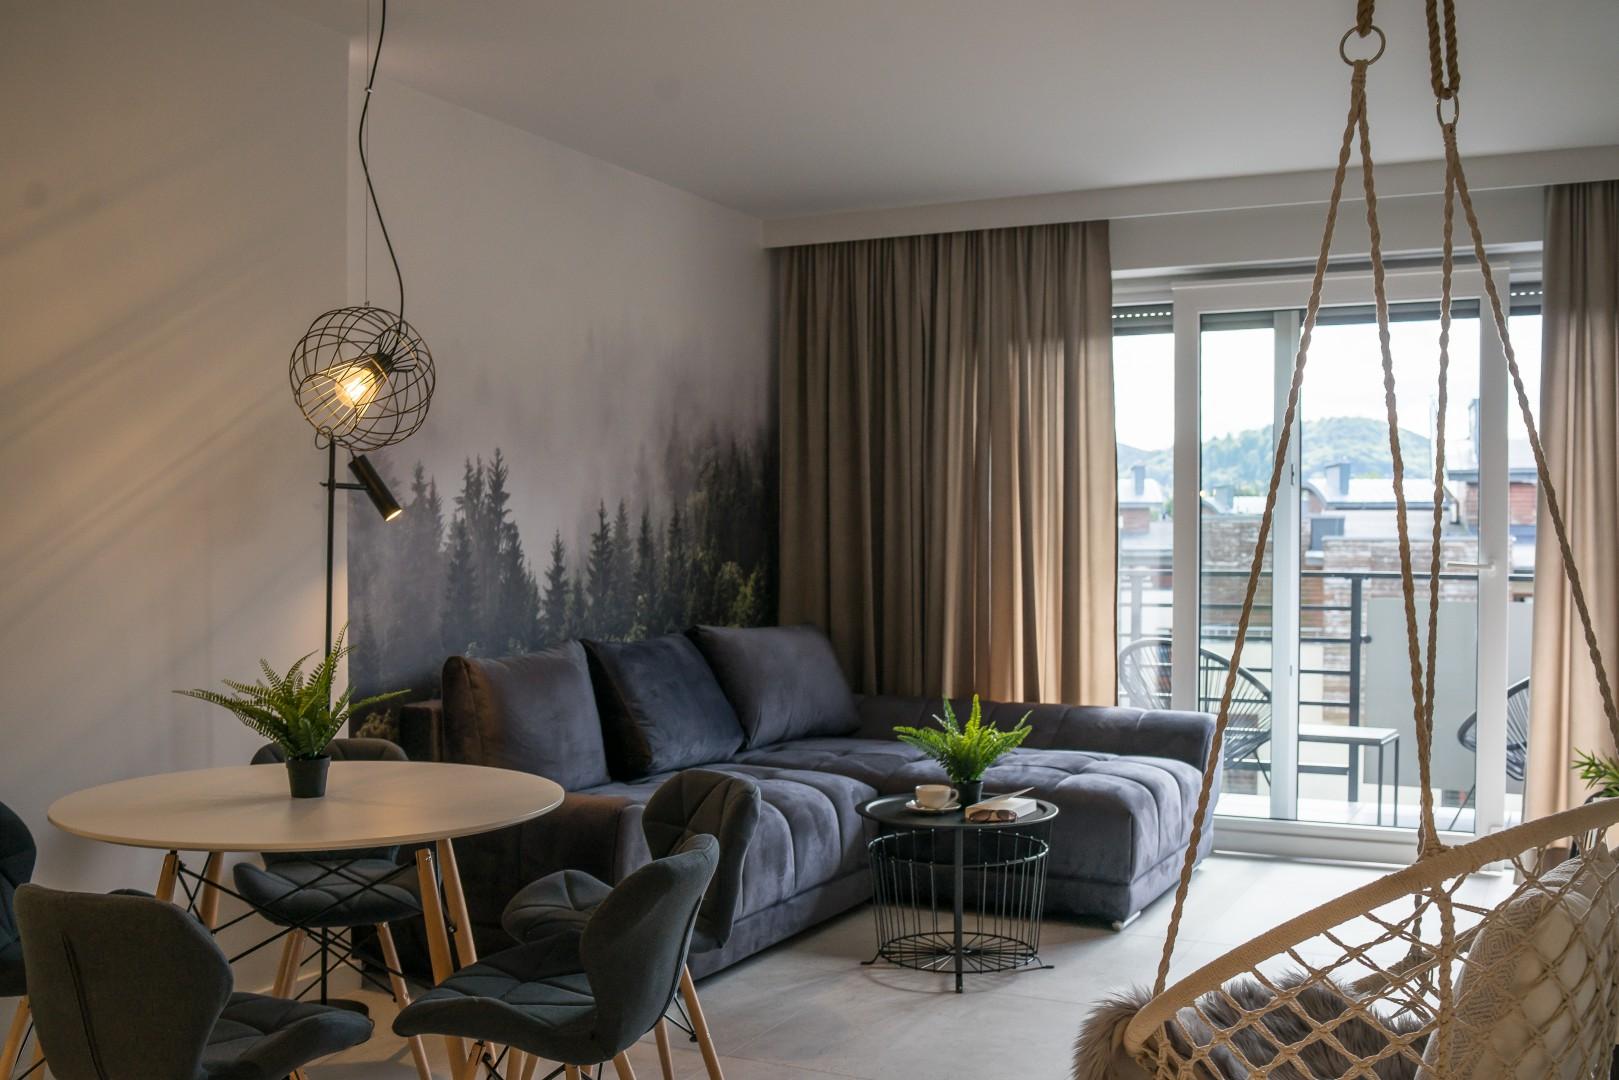 Inwestycja w apartamenty nad morzem – czy to się opłaca?